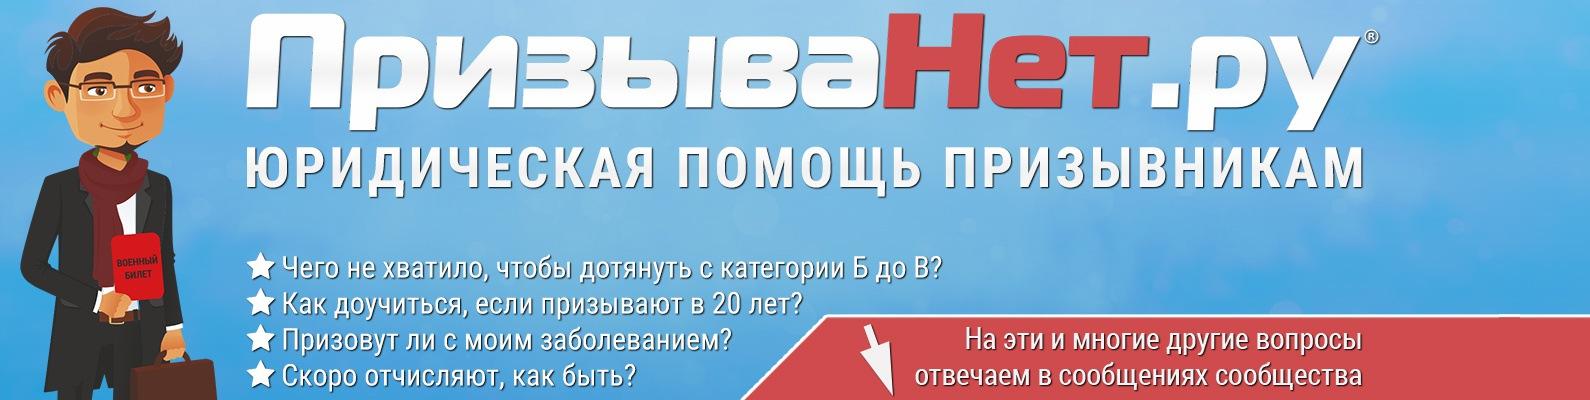 https://prizyvanet.ru